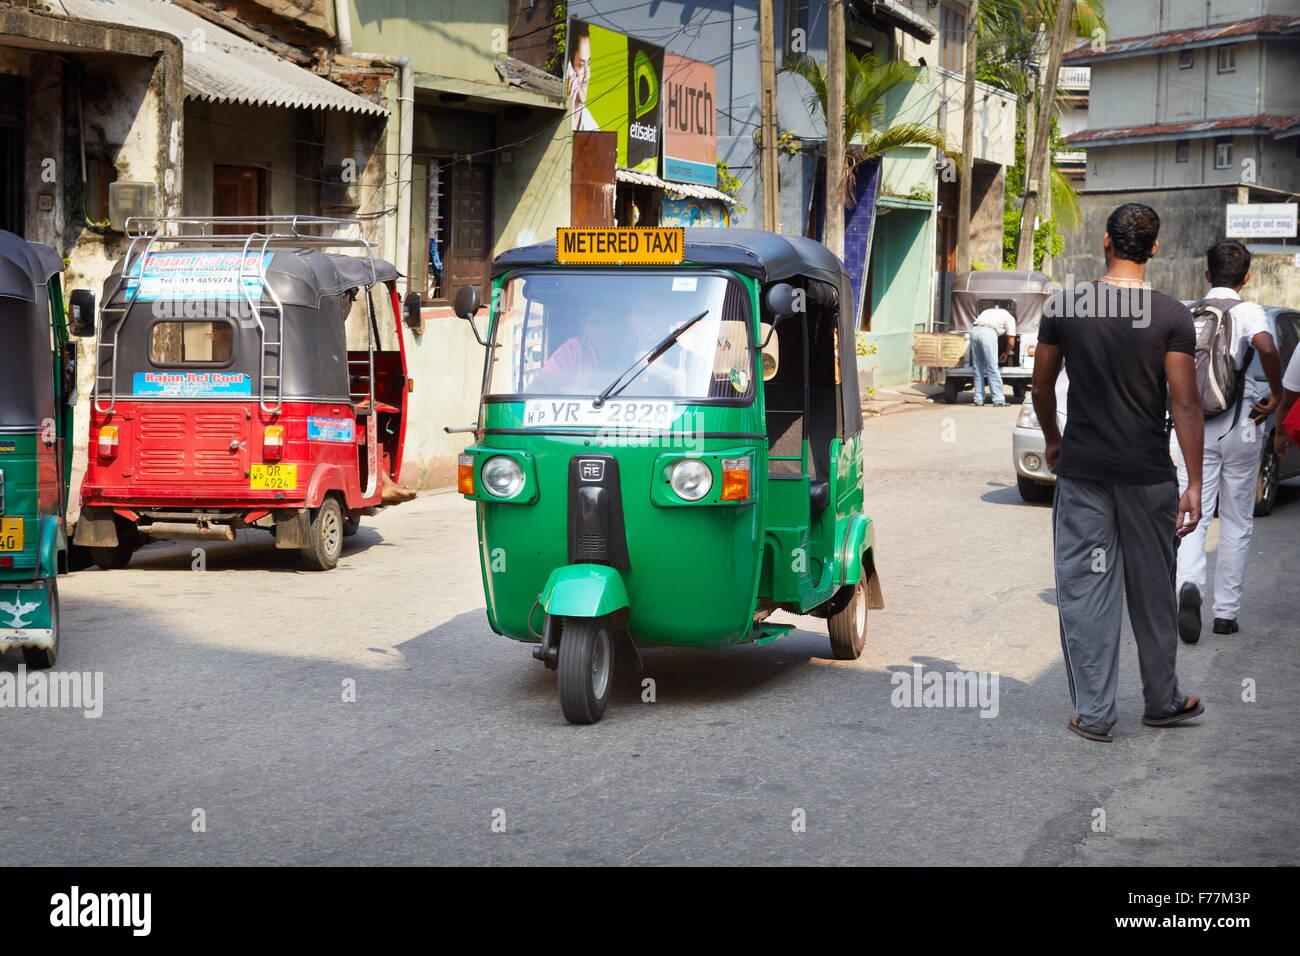 Sri Lanka - Colombo, tuk tuk taxi, typical transport - Stock Image